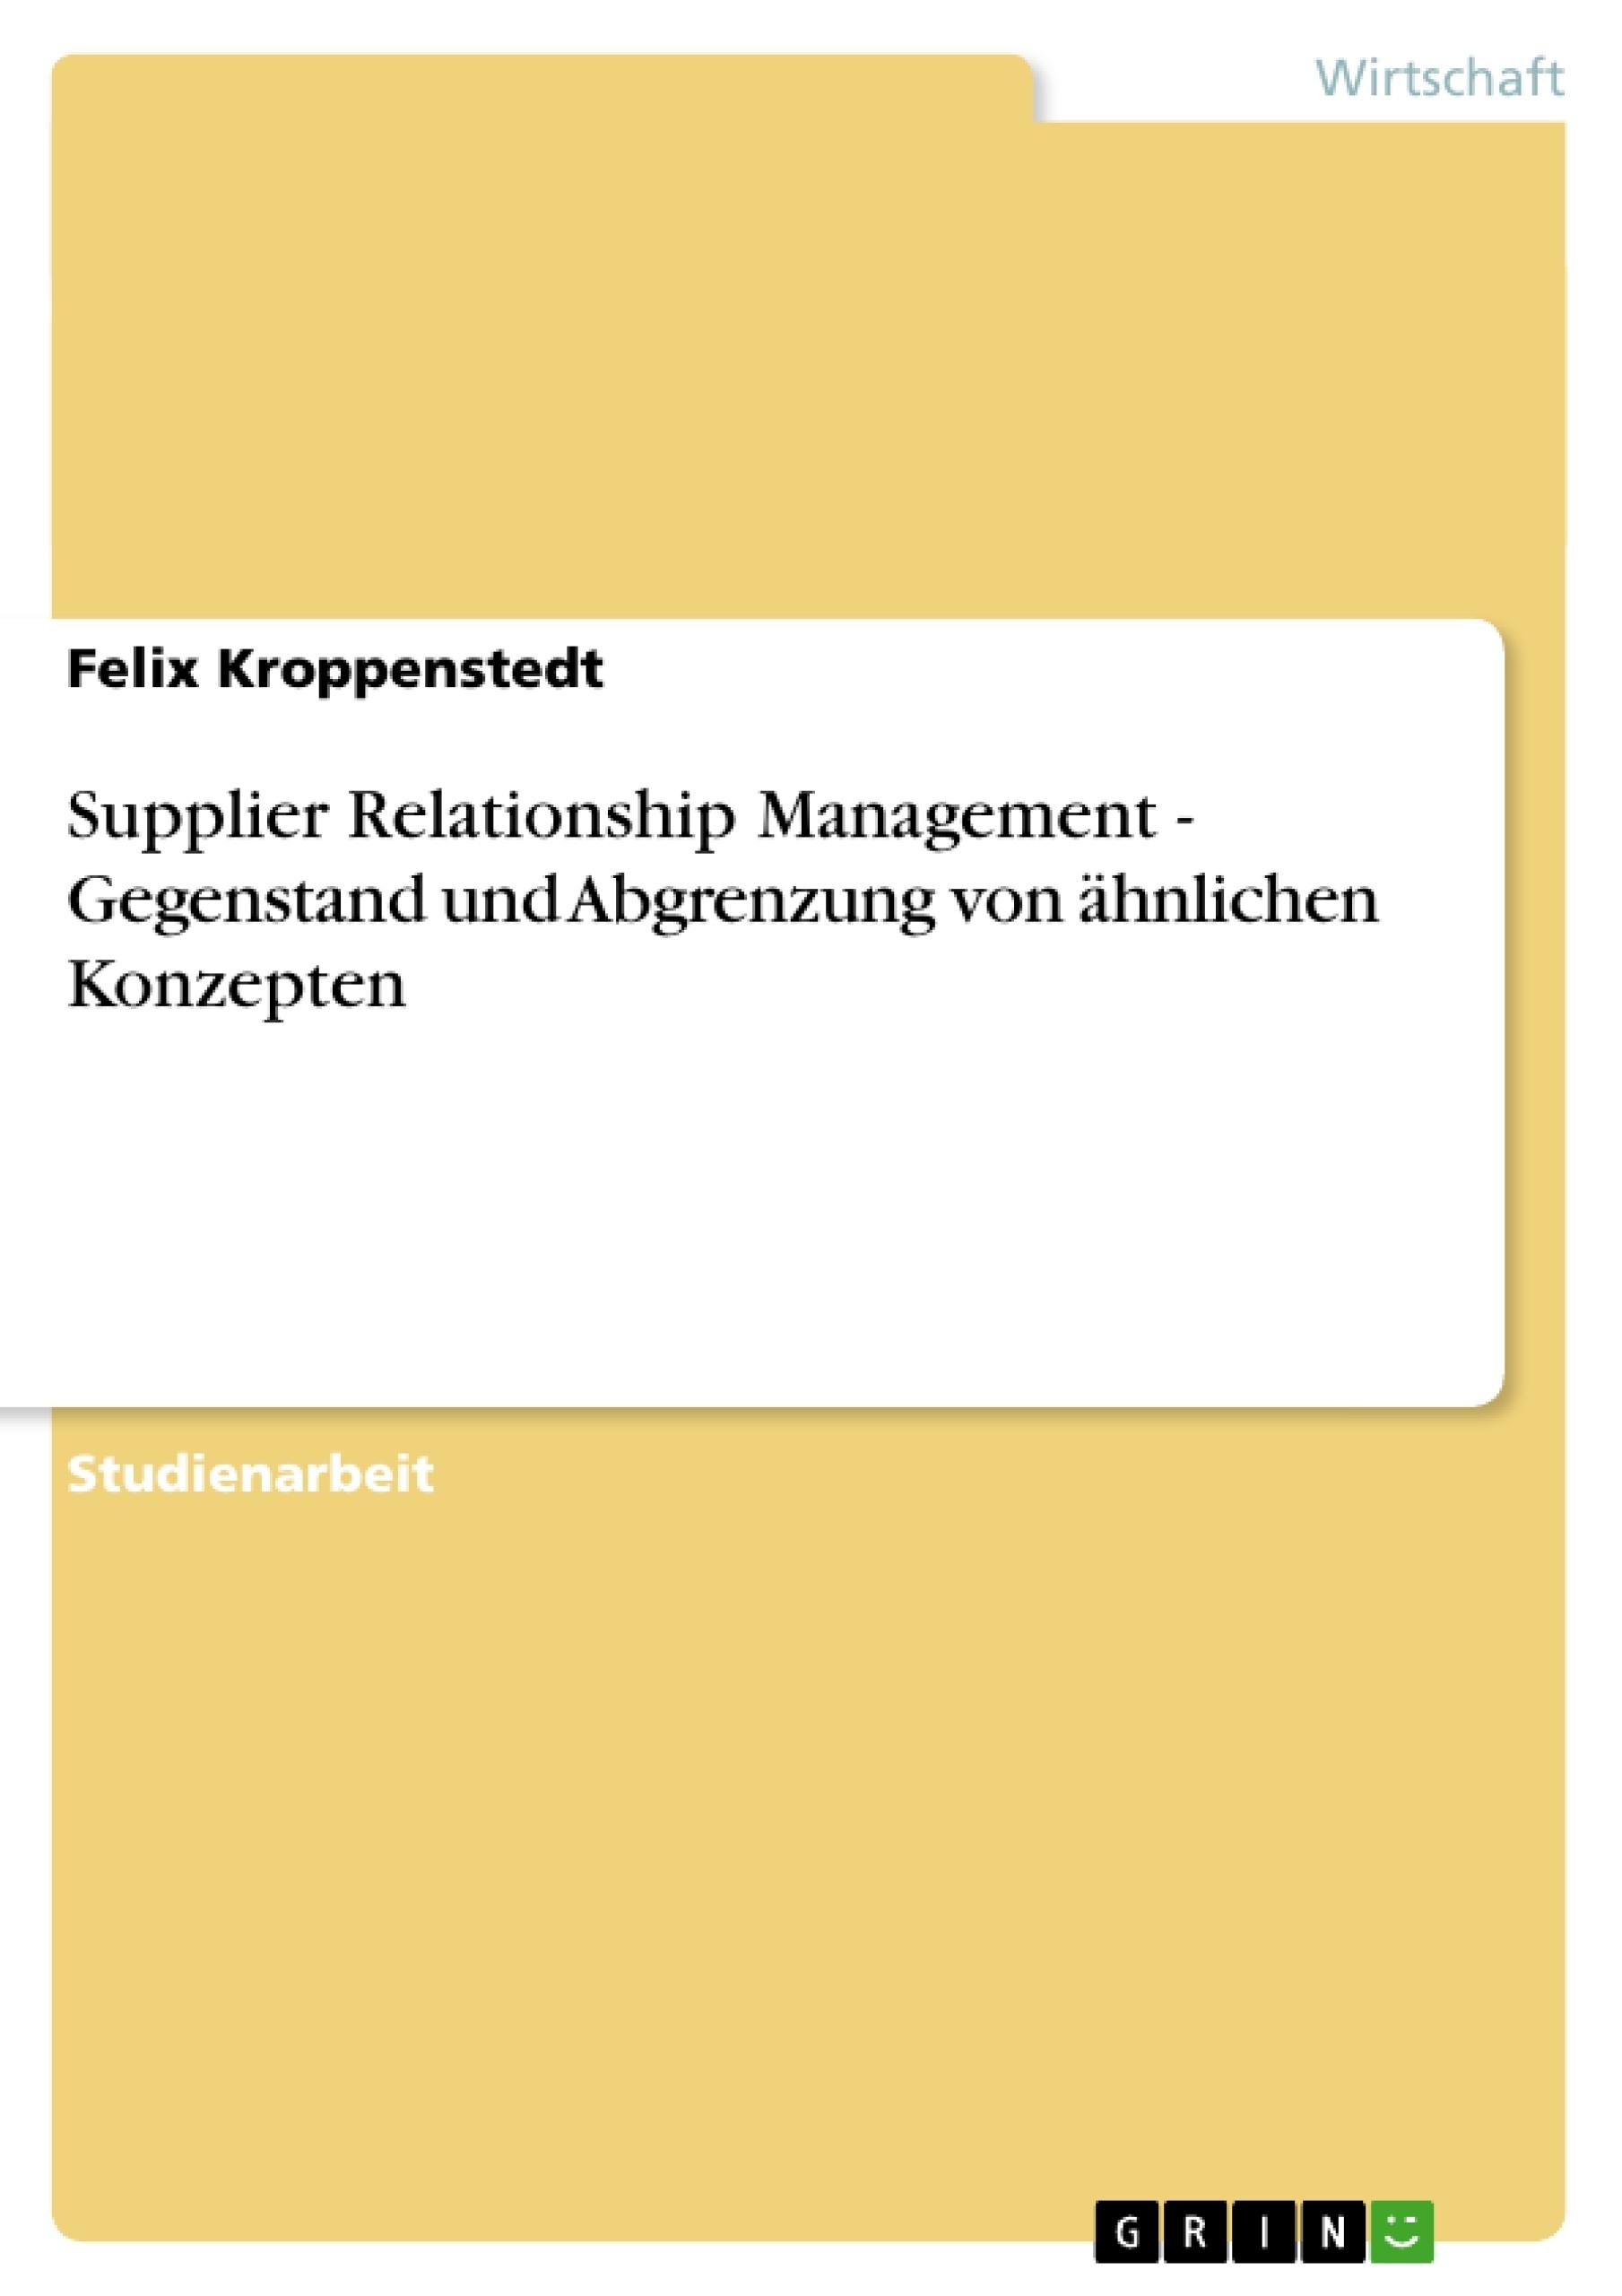 Titel: Supplier Relationship Management - Gegenstand und Abgrenzung von ähnlichen Konzepten